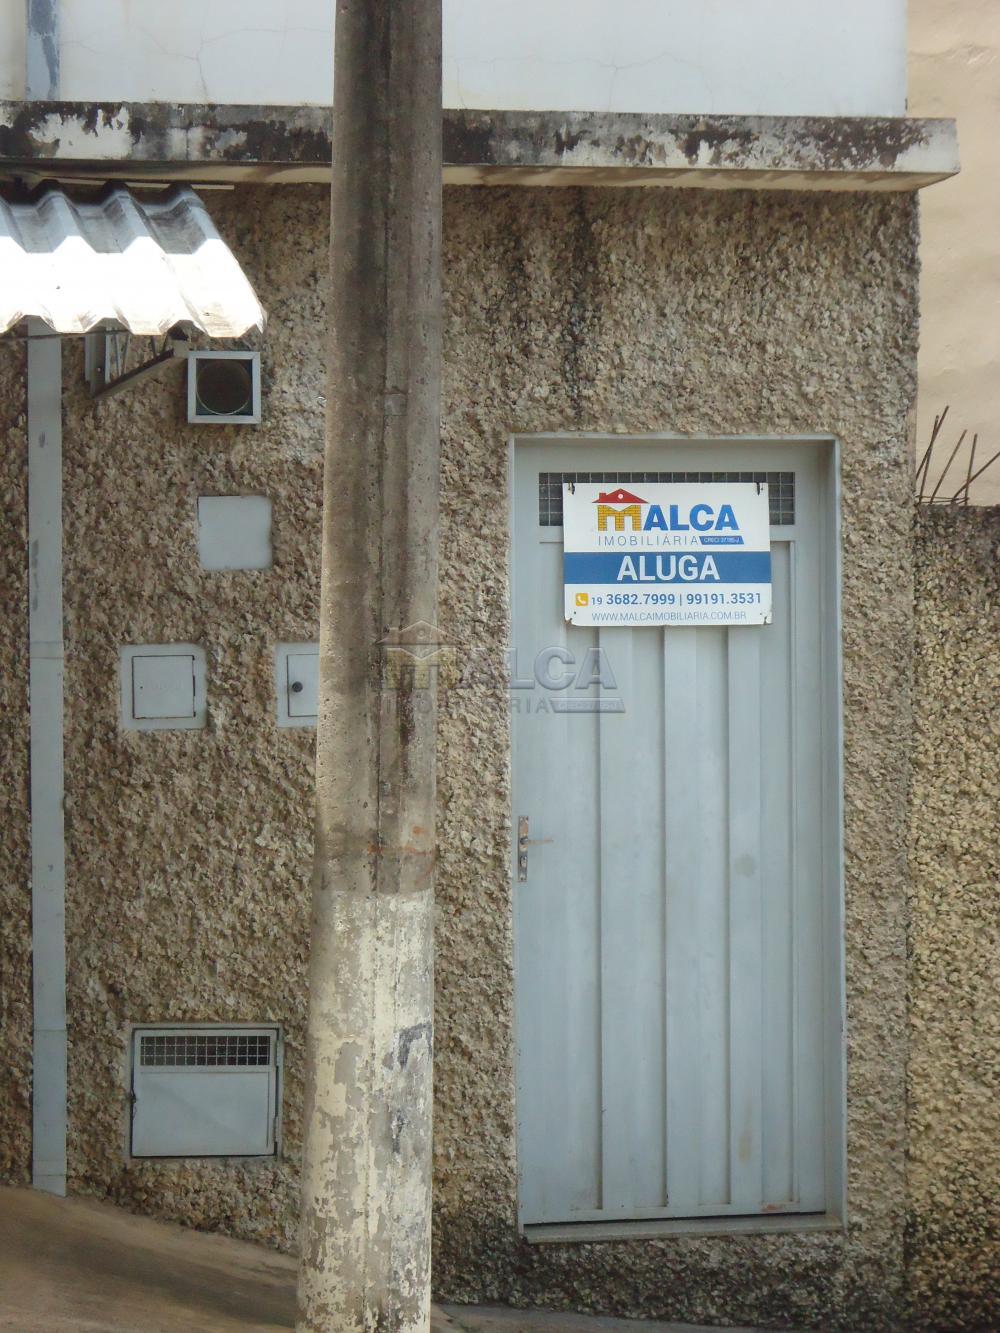 Alugar Casas / Padrão em São José do Rio Pardo apenas R$ 670,00 - Foto 2